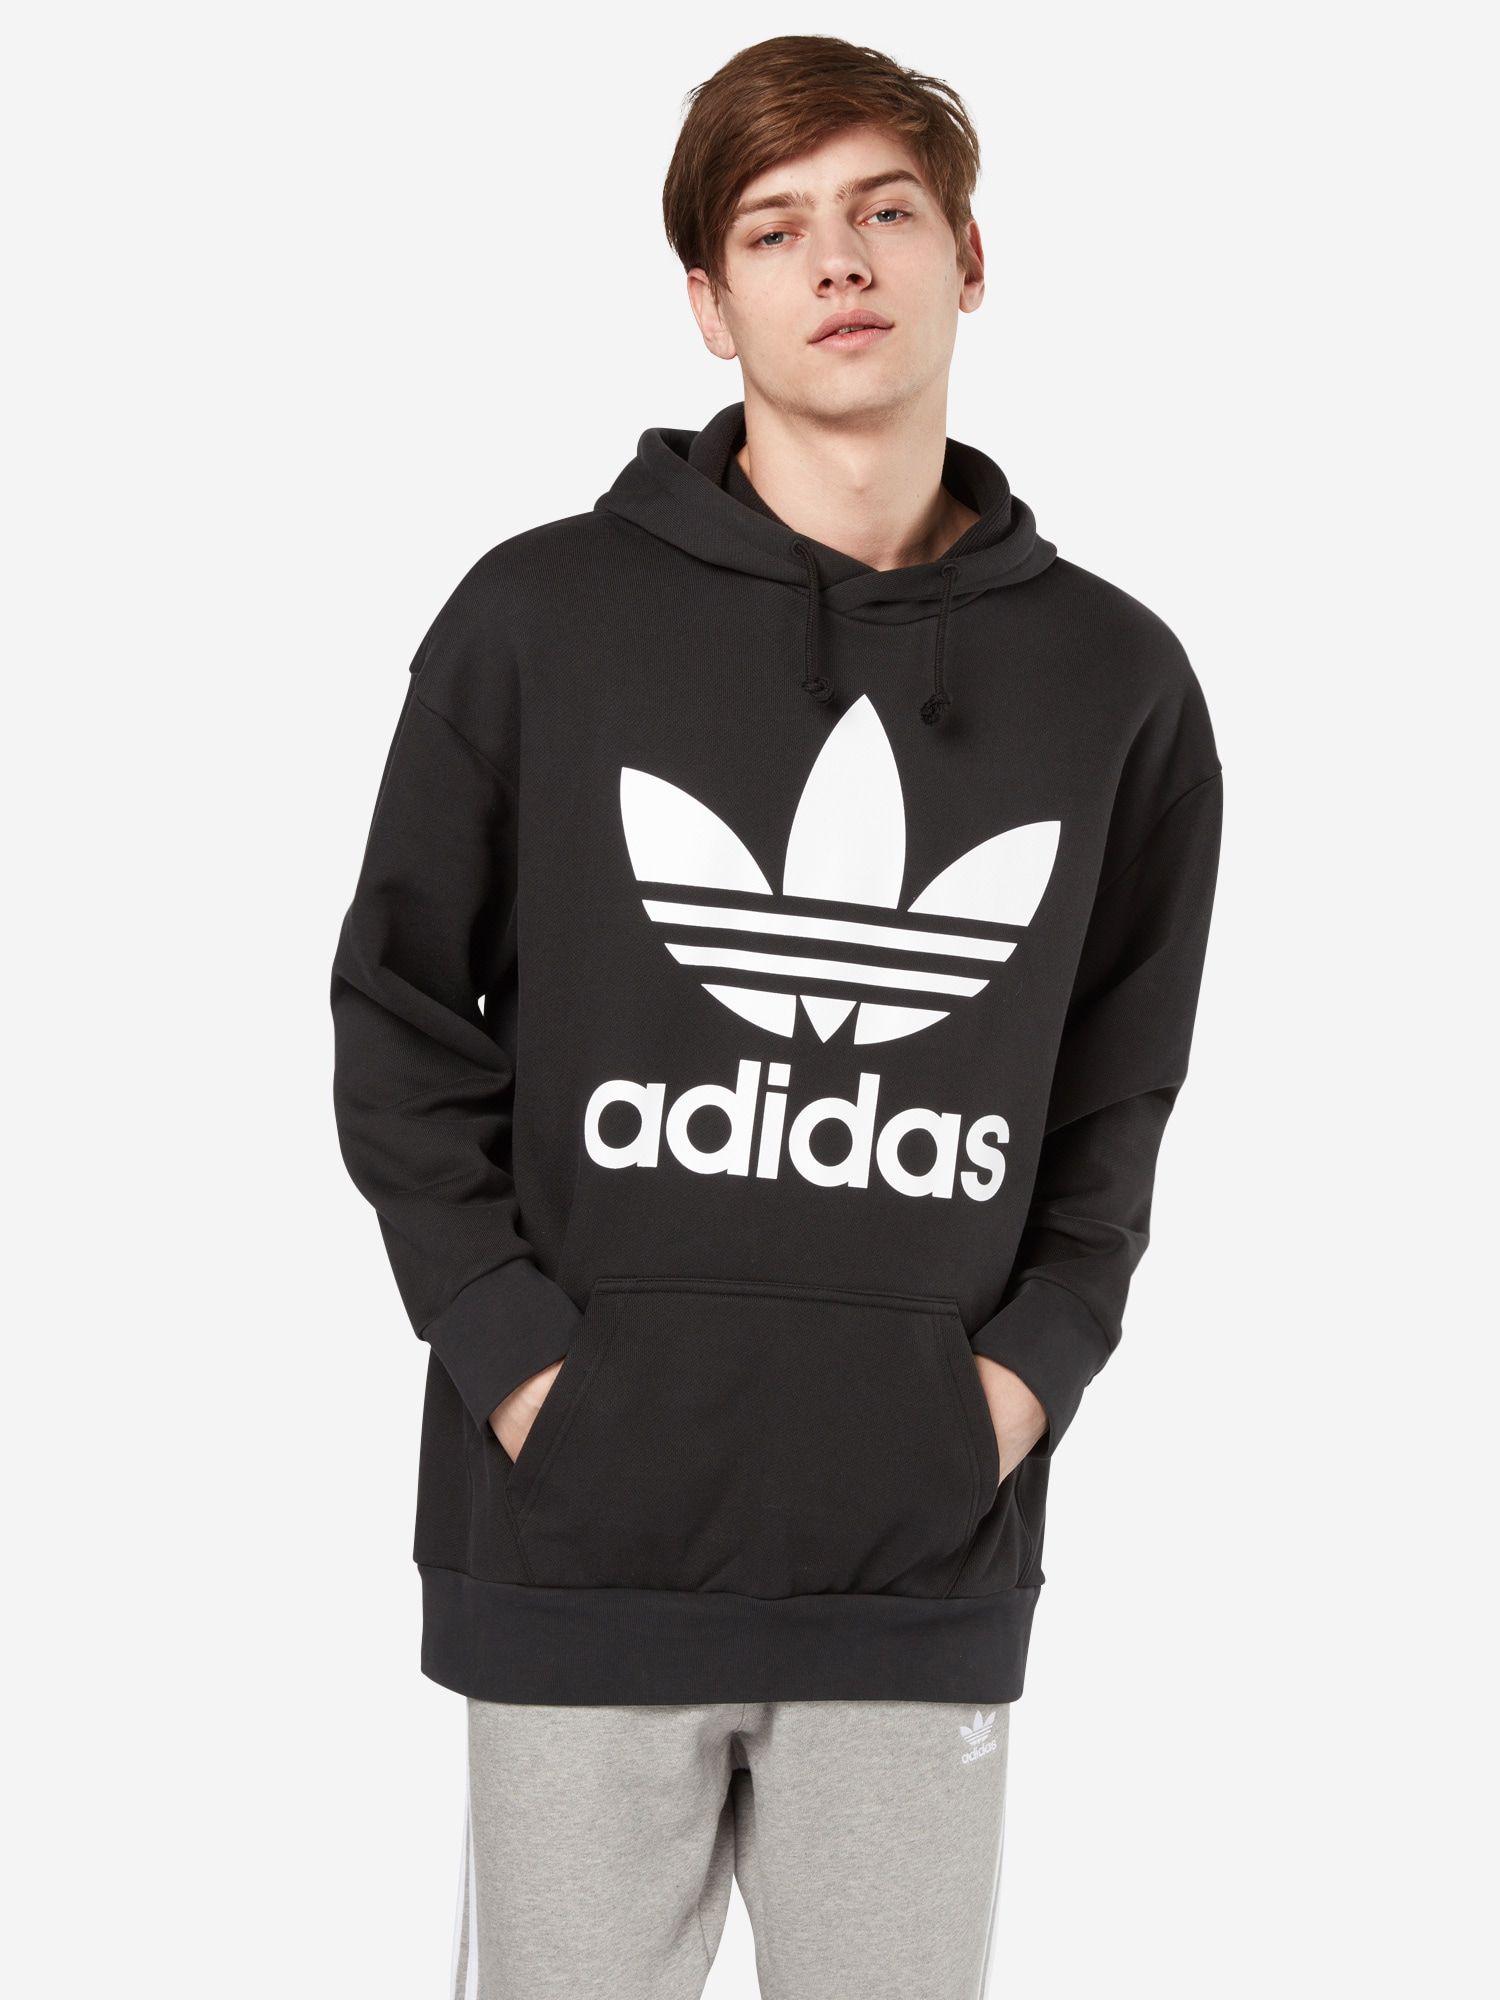 ADIDAS ORIGINALS Pullover Herren, Schwarz Weiß, Größe XL